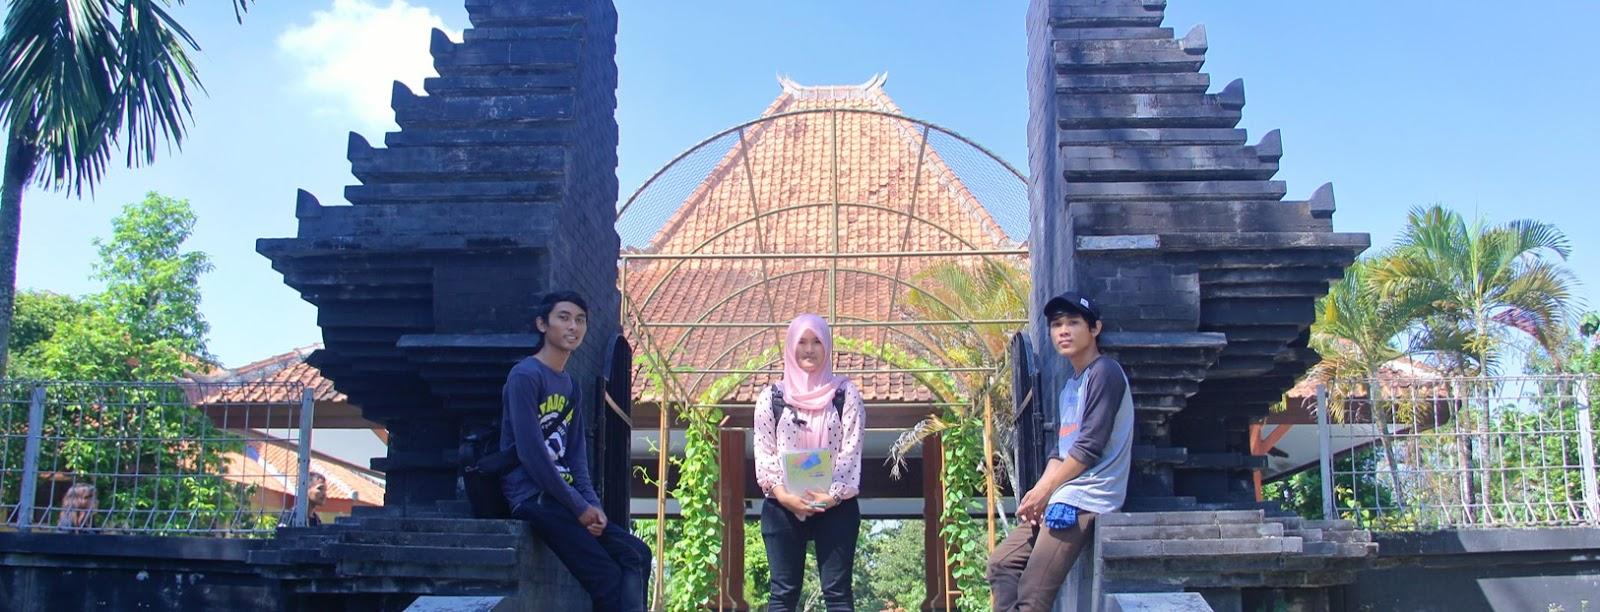 Prayogies Museum Trinil Ngawi Musium Kab